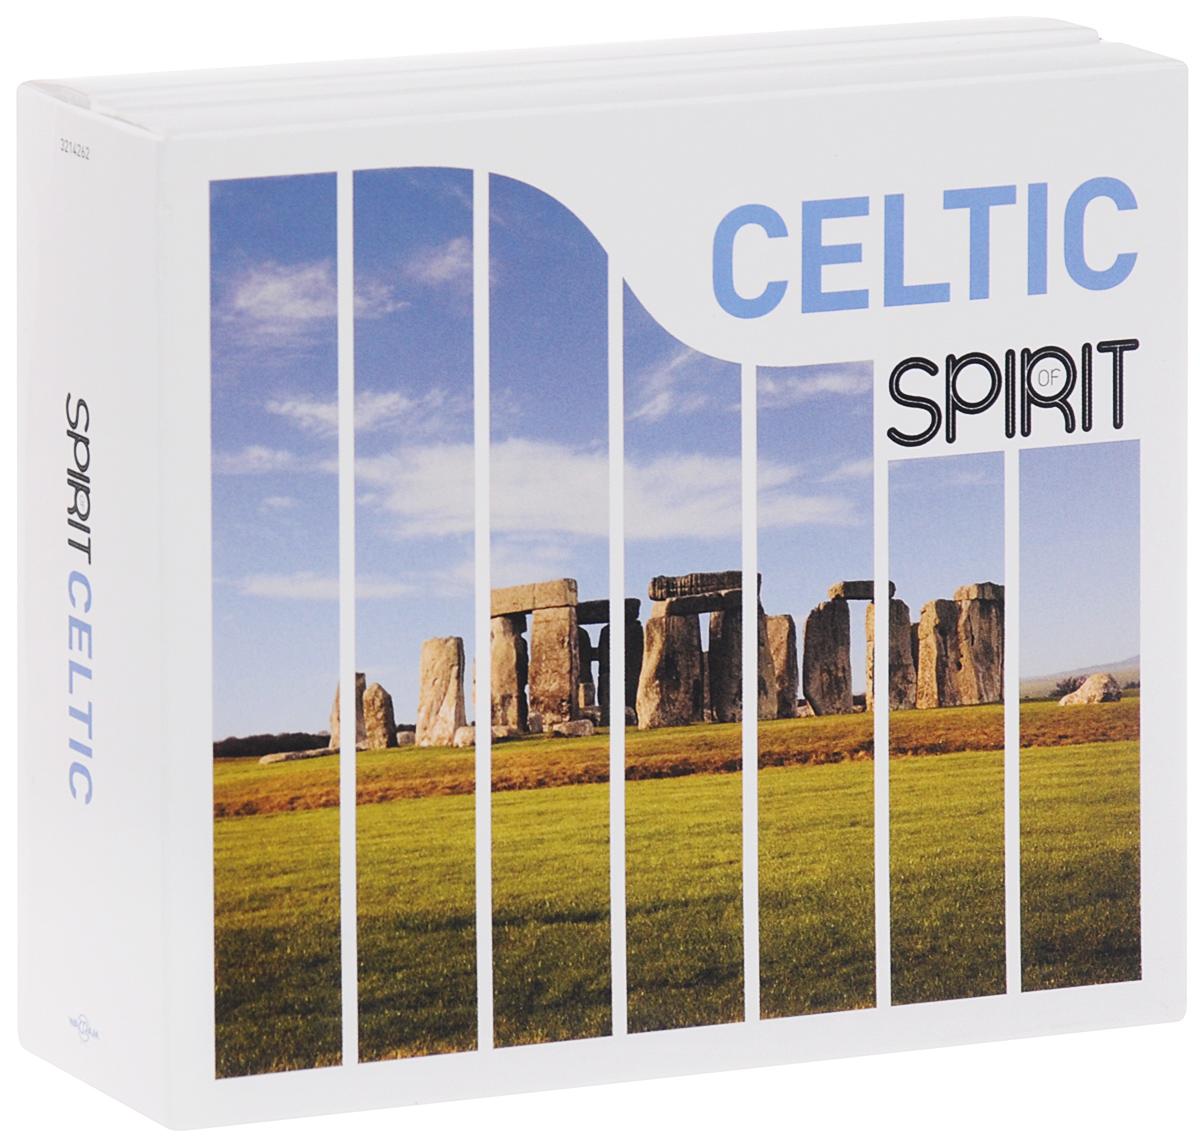 Spirit Of Celtic (4 CD)